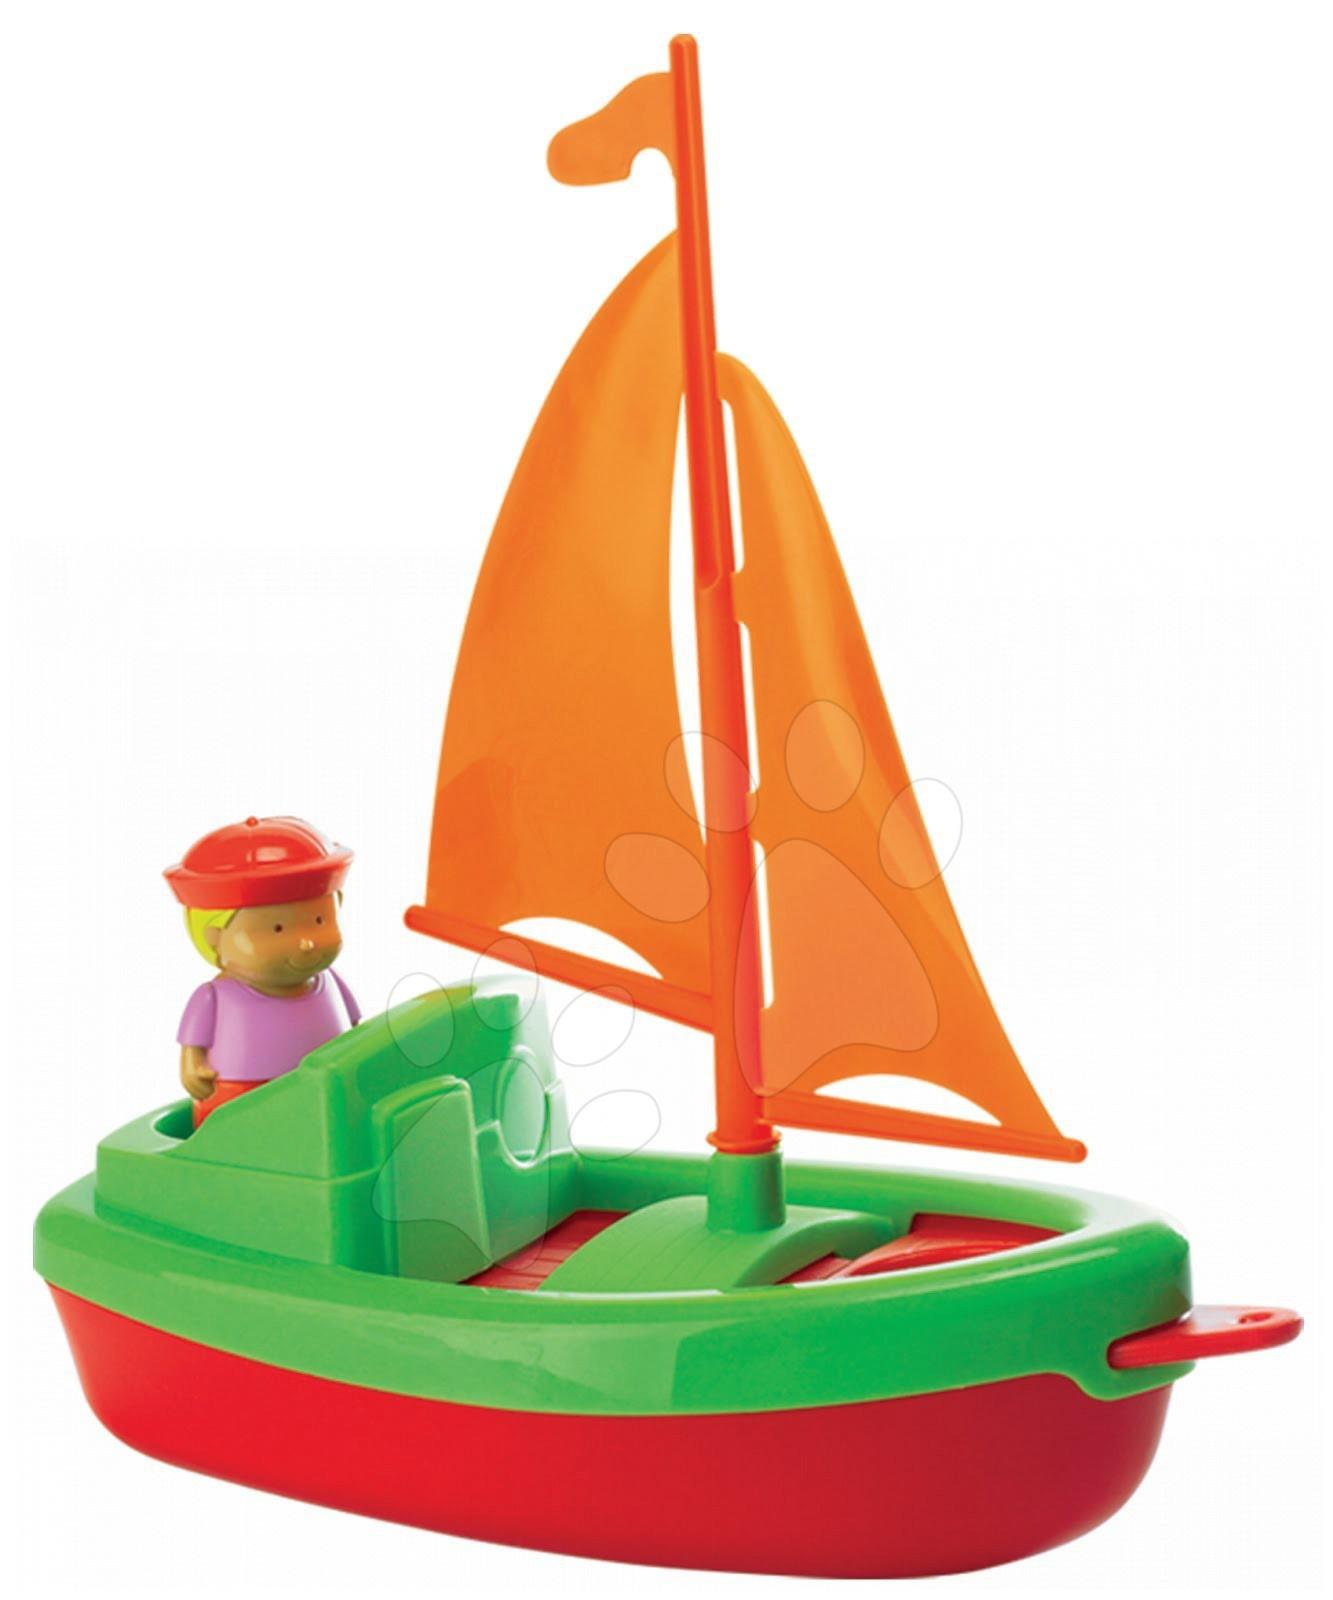 Plachetnice s námořníkem Écoiffier (délka 24,5 cm) červeno-zelená od 18 měsíců